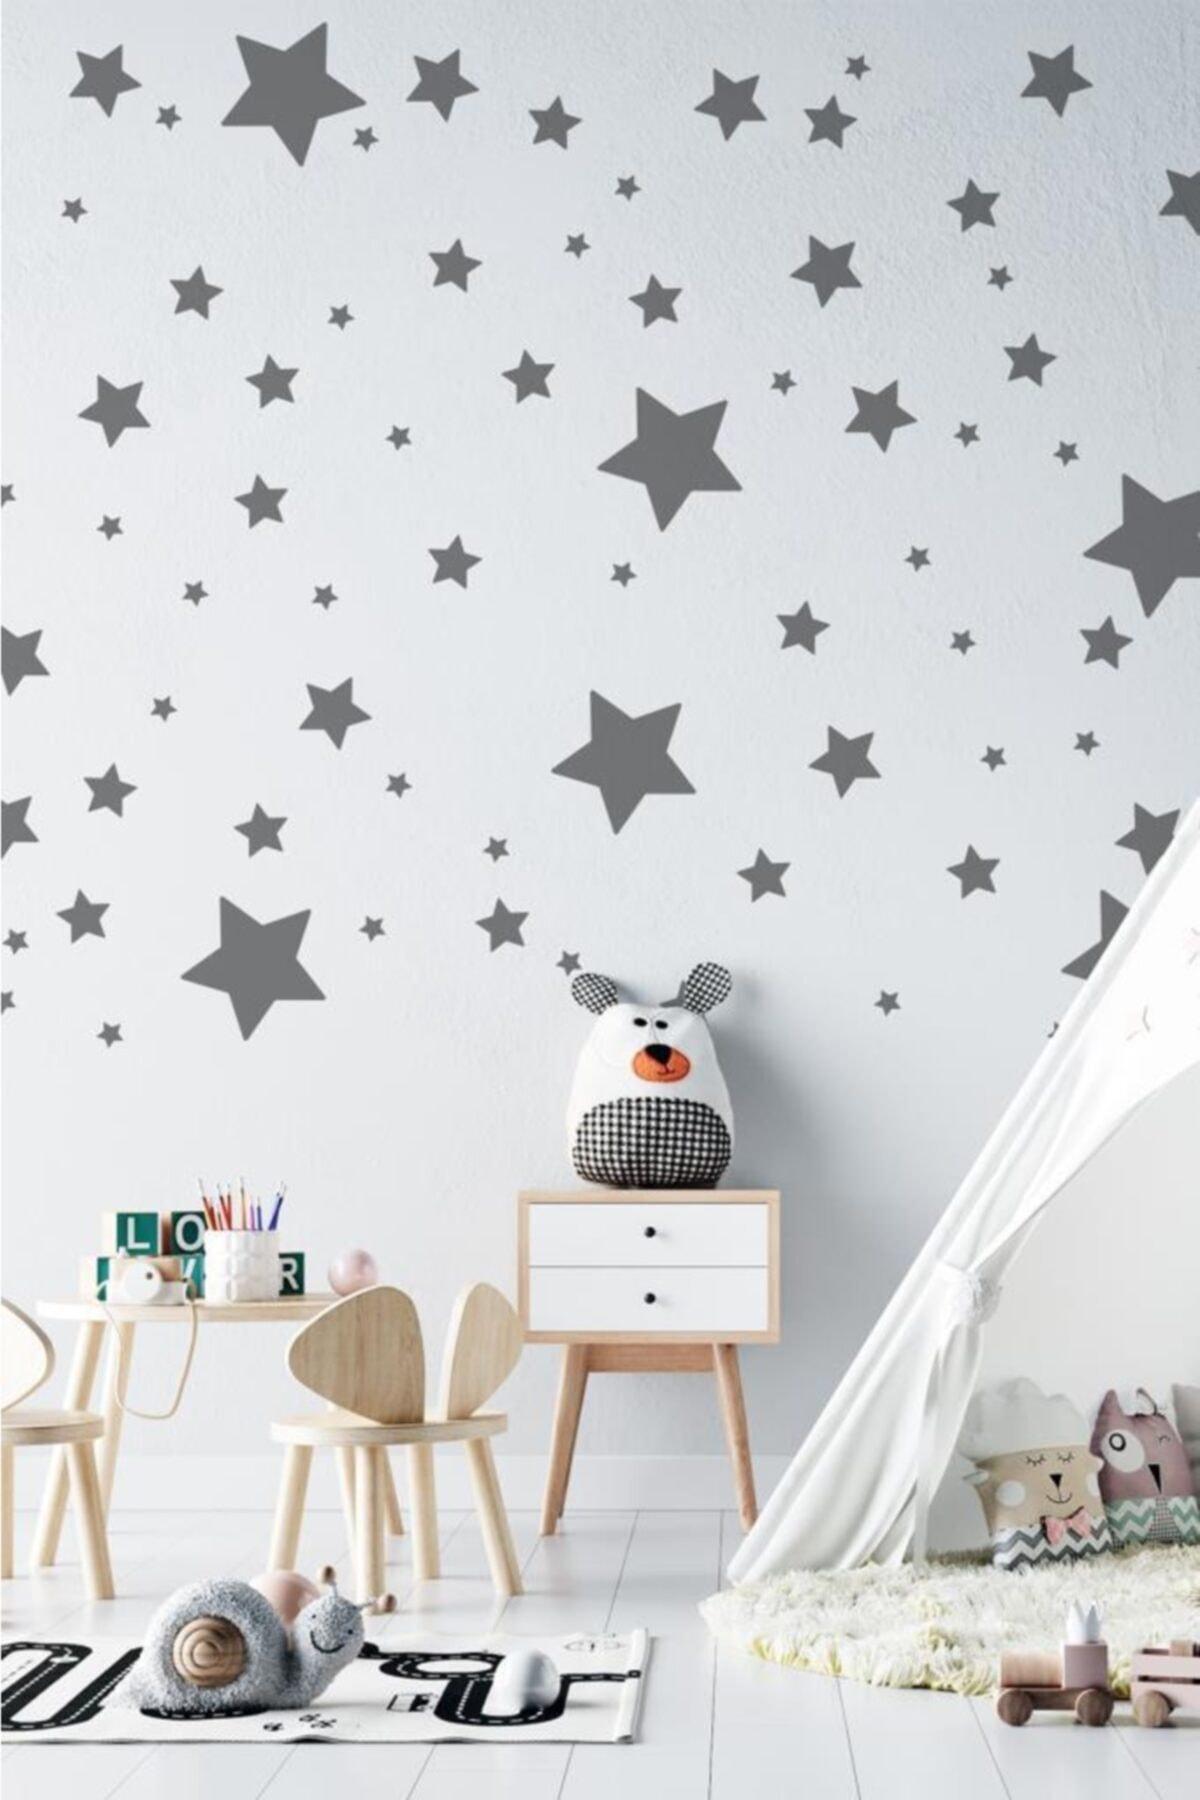 Gri Yıldız Yağmuru Çocuk Ve Bebek Odası Sticker 150 Adet